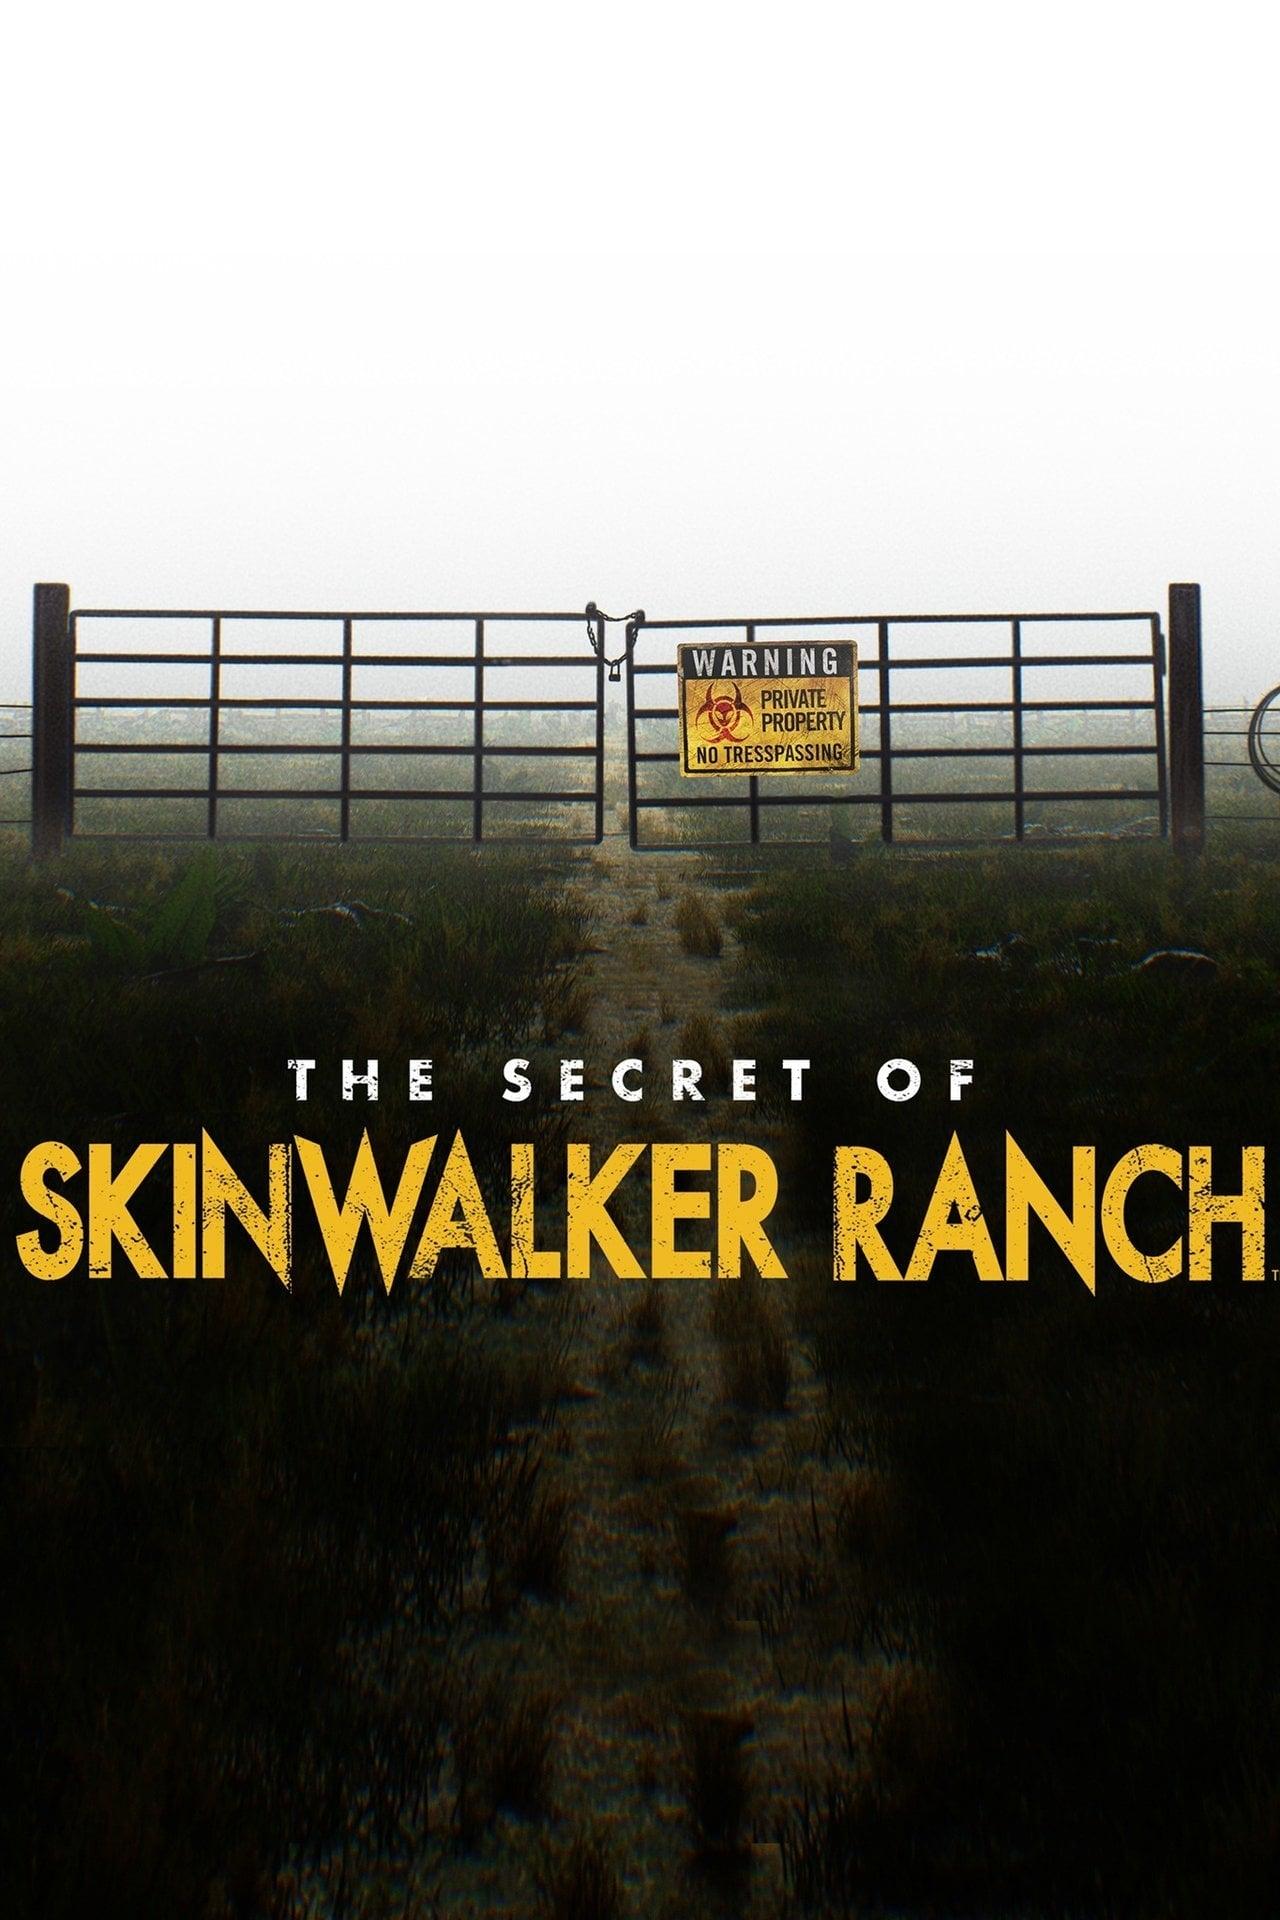 Serie The Secret of Skinwalker Ranch Season 1 on Soap2day online